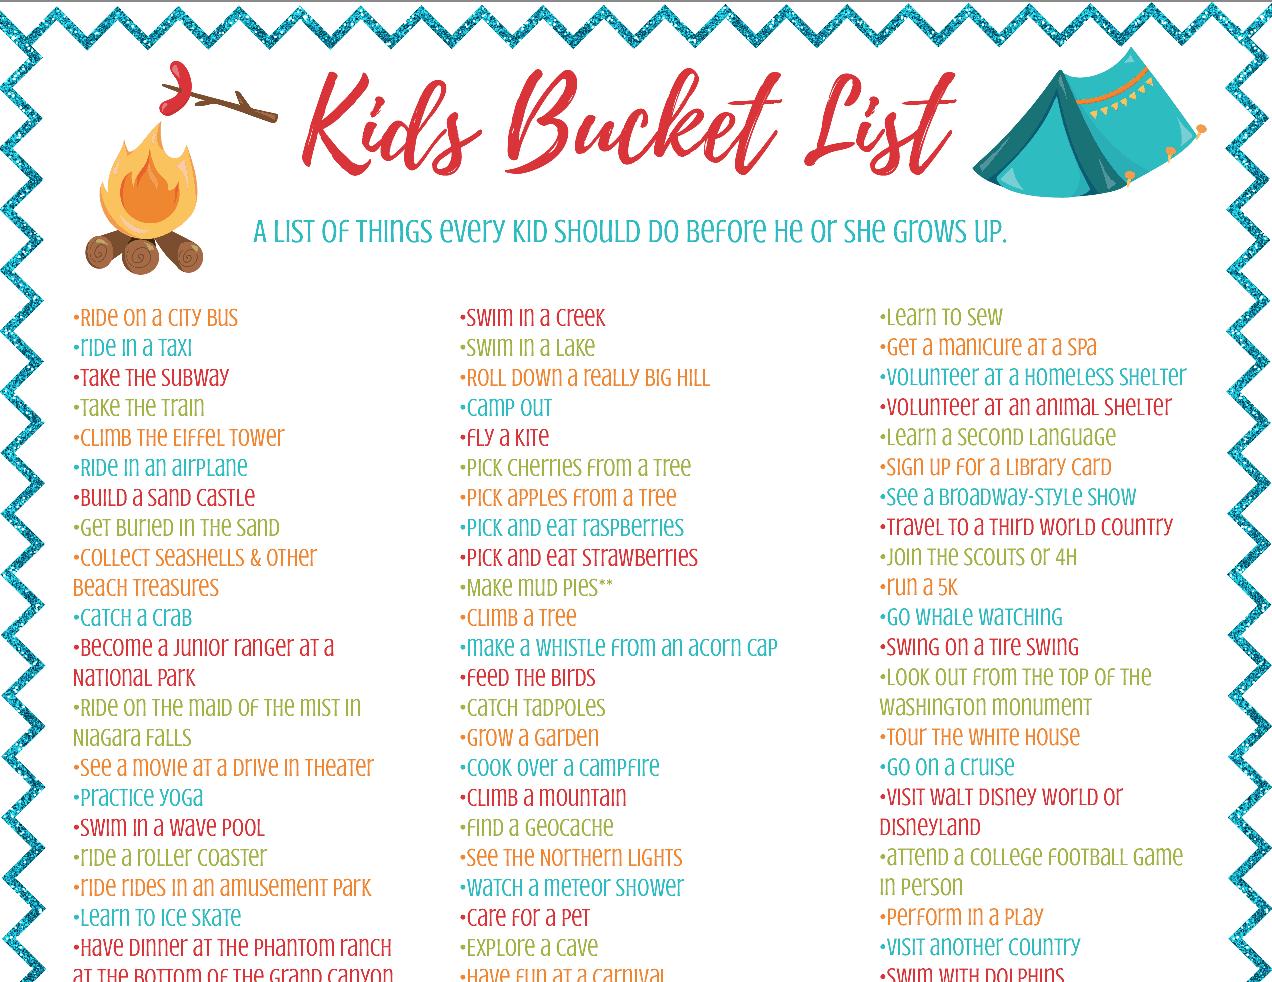 A Kids Bucket List